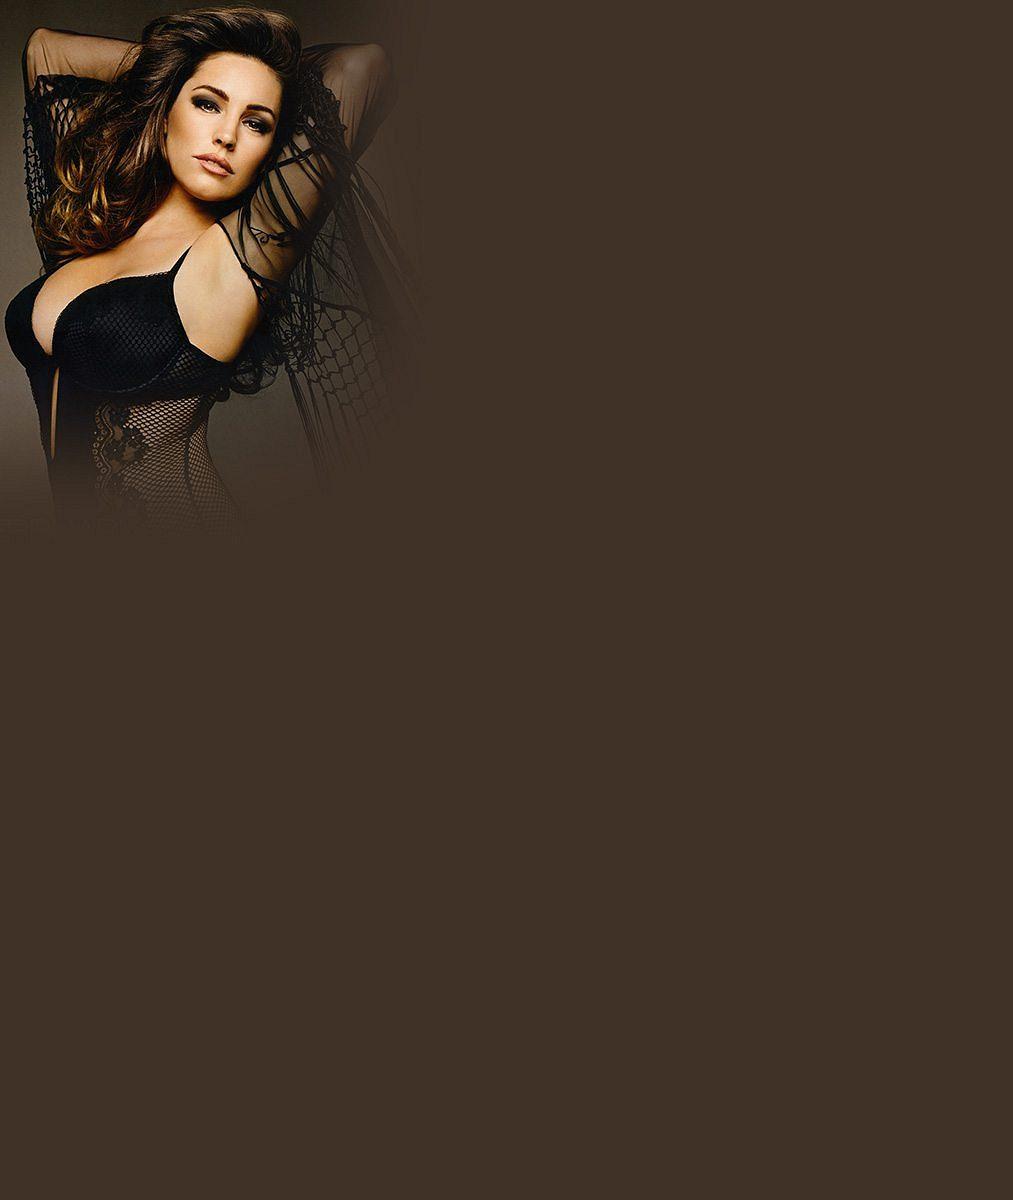 Známá modelka zavzpomínala na nahé focení z roku 2010: Od těch časů výrazně přibrala